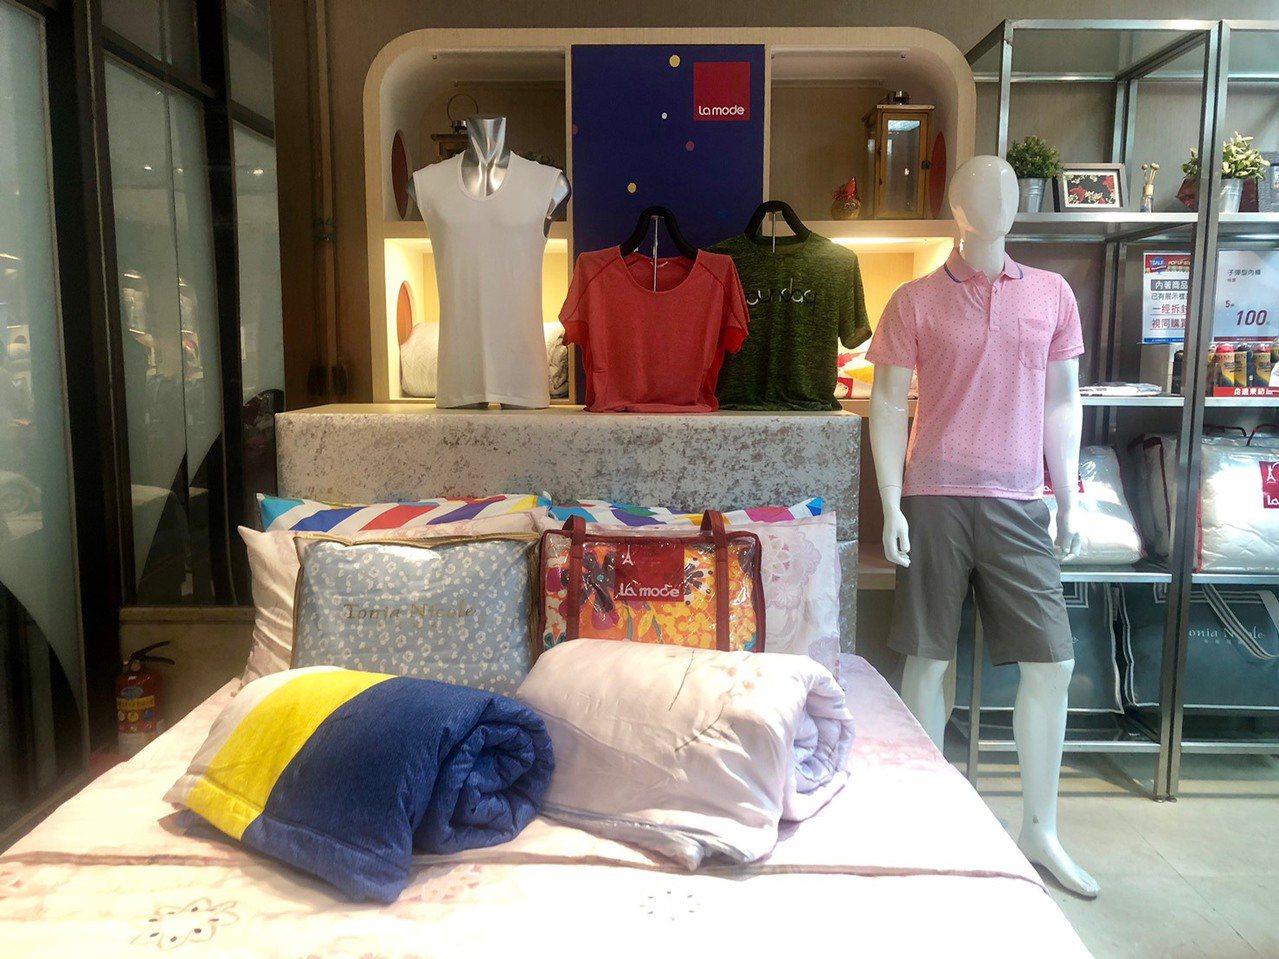 旗下全系列品牌服飾、寢具商品全面以最優惠價格回饋消費者。圖/遠東全家福提供